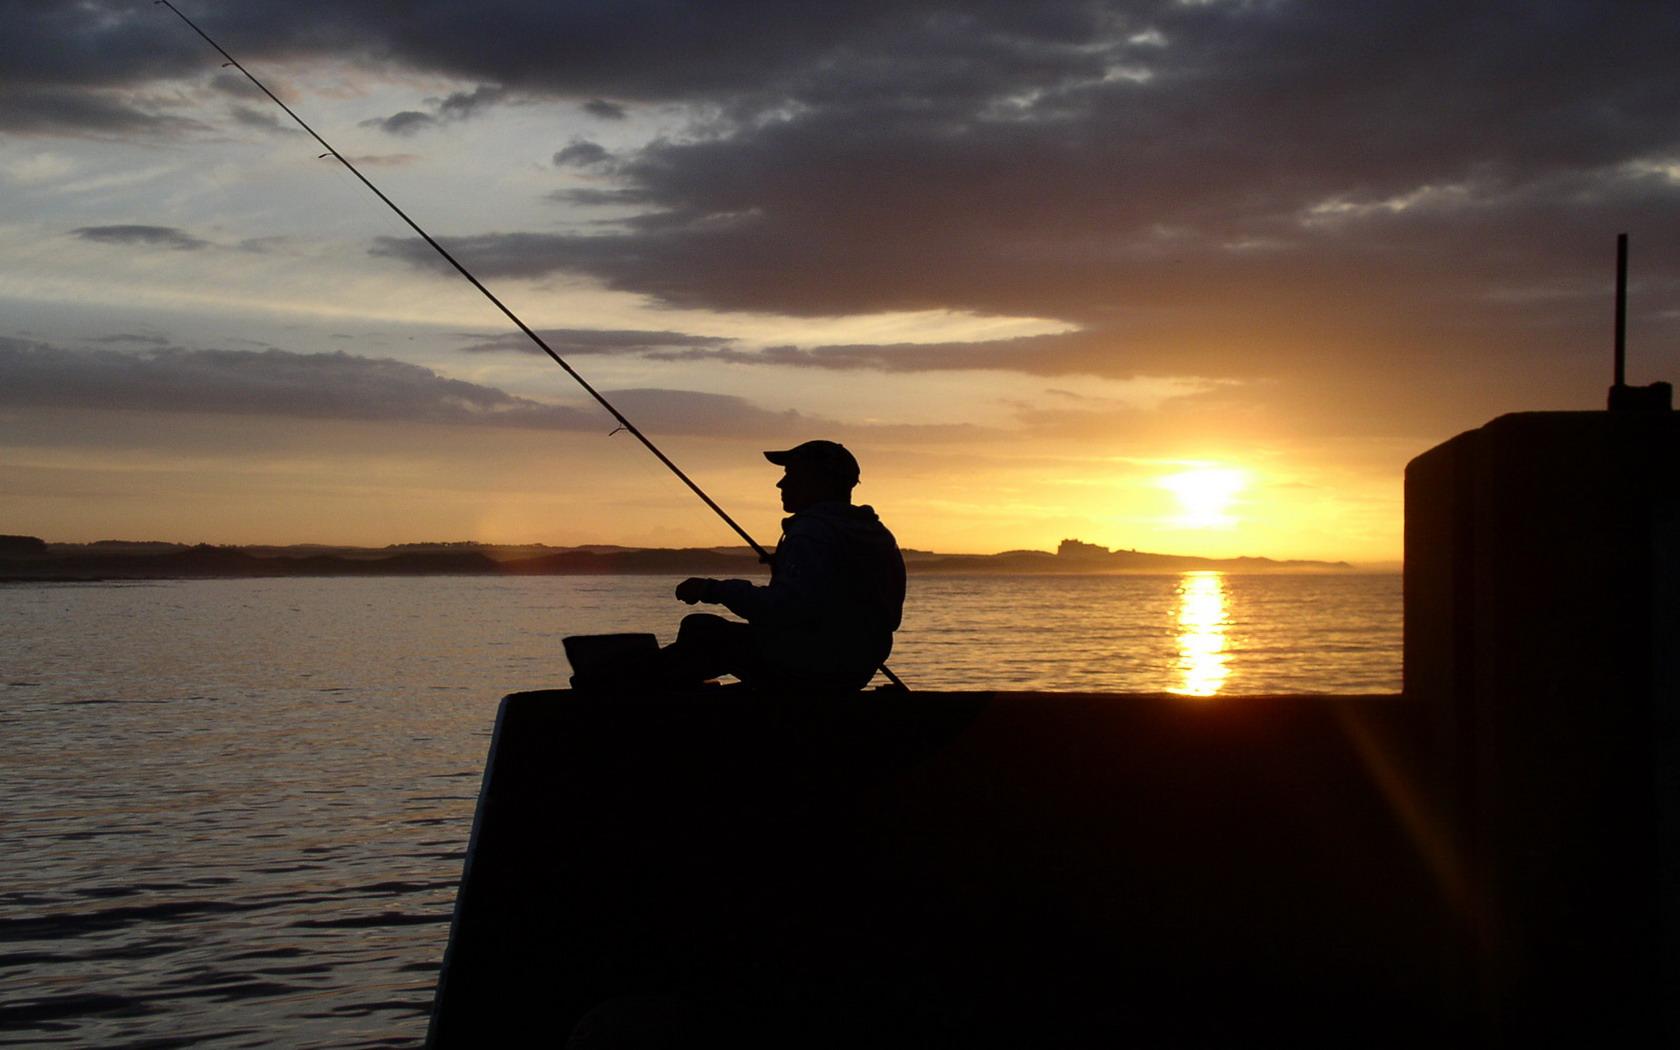 Cool Fishing Wallpaper - WallpaperSafari